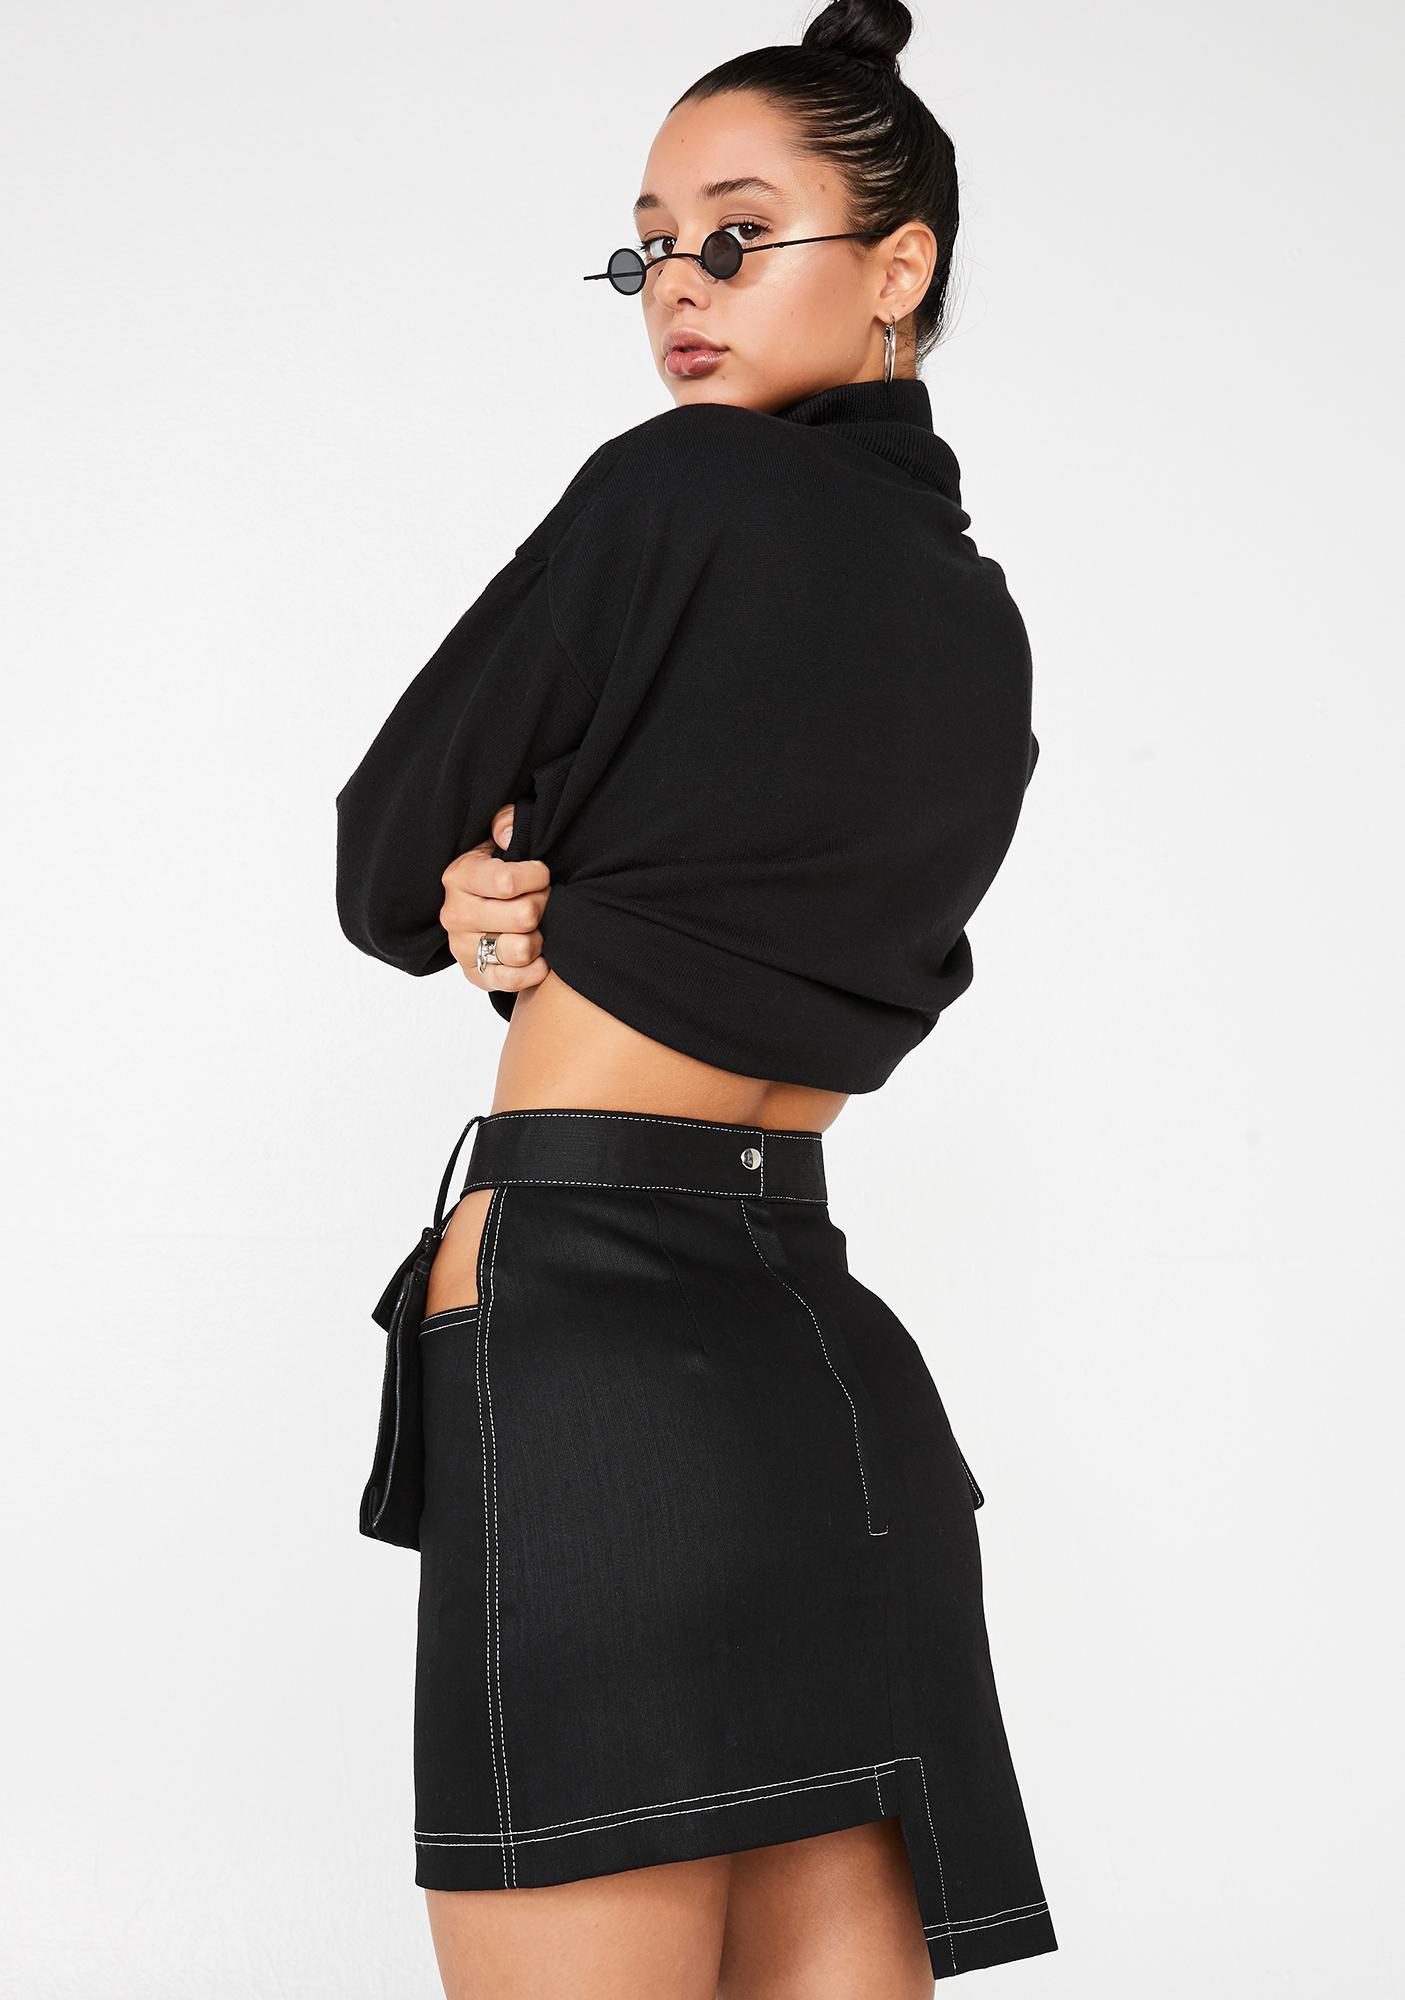 Stuck on Stupid Black Belt Bag Denim Skirt